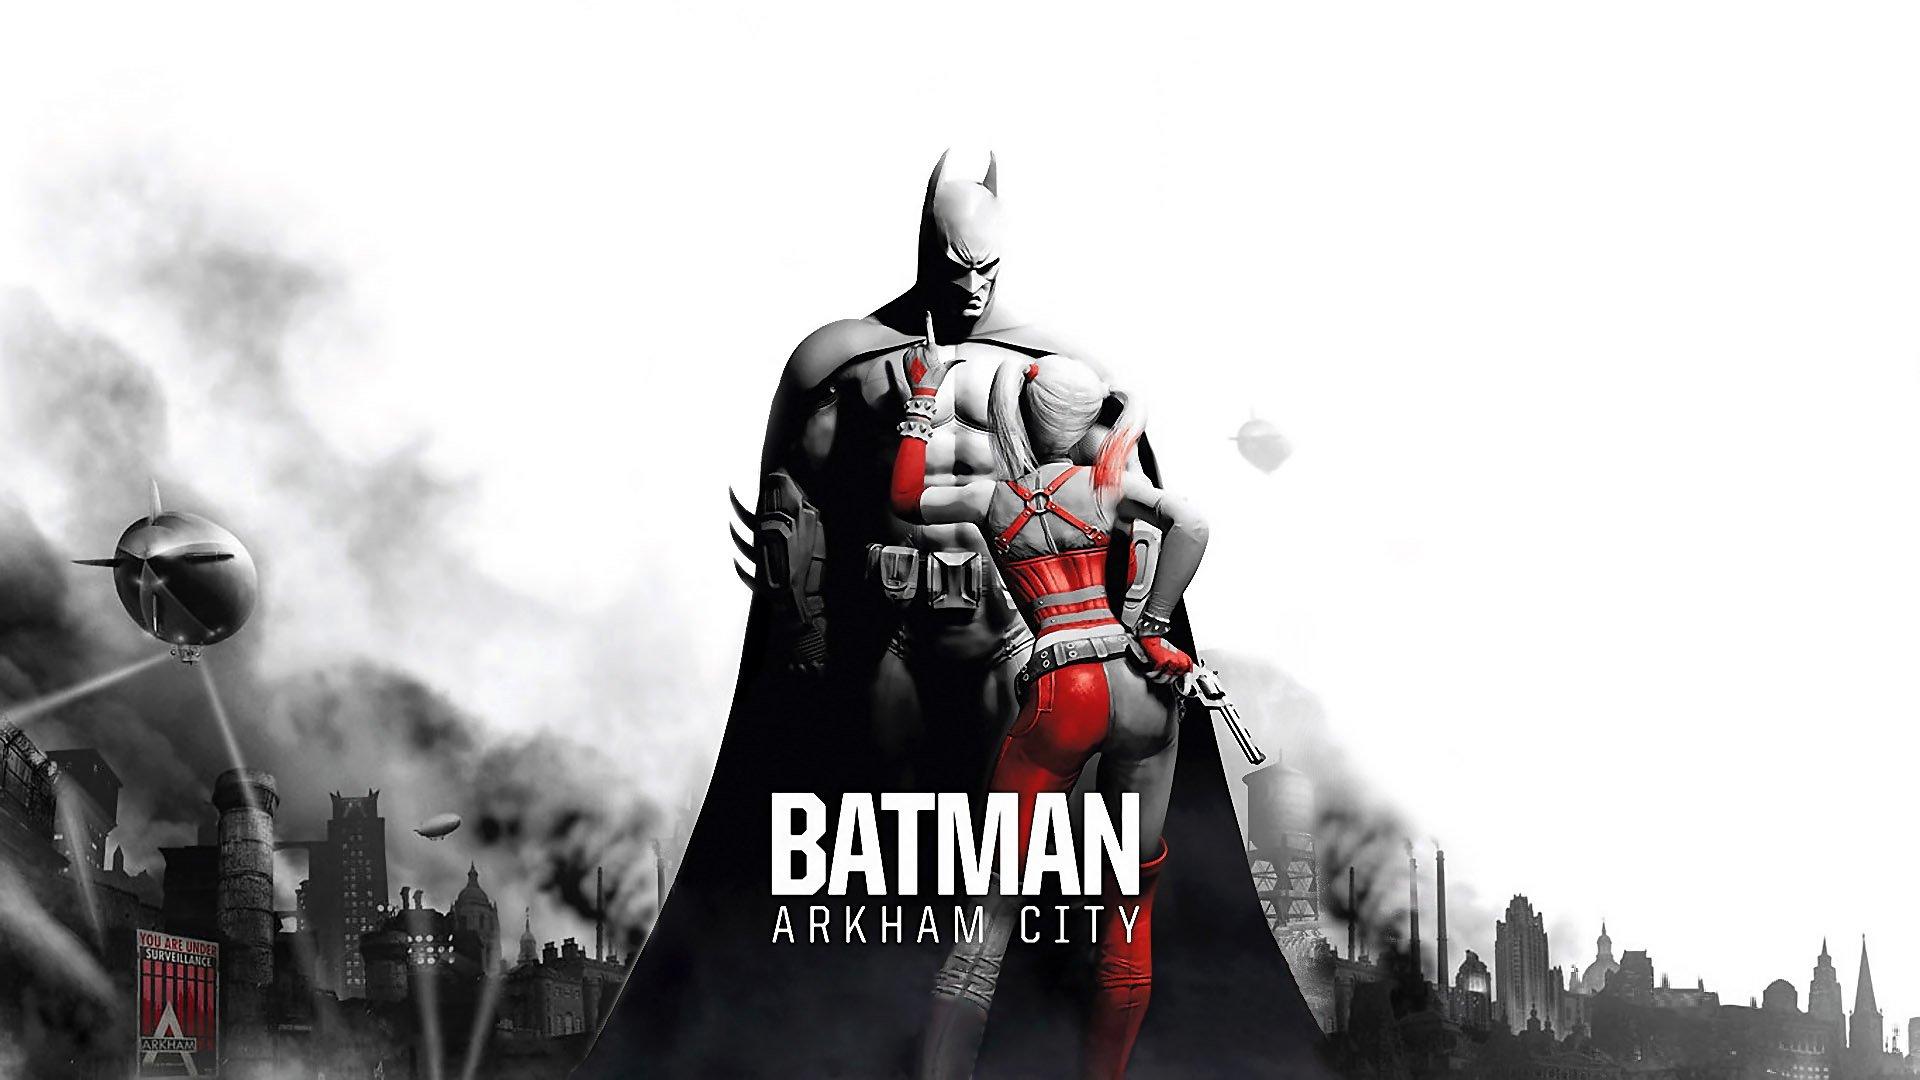 Новая игра из серии Batman Arkham может выйти в 2013 году - Изображение 1